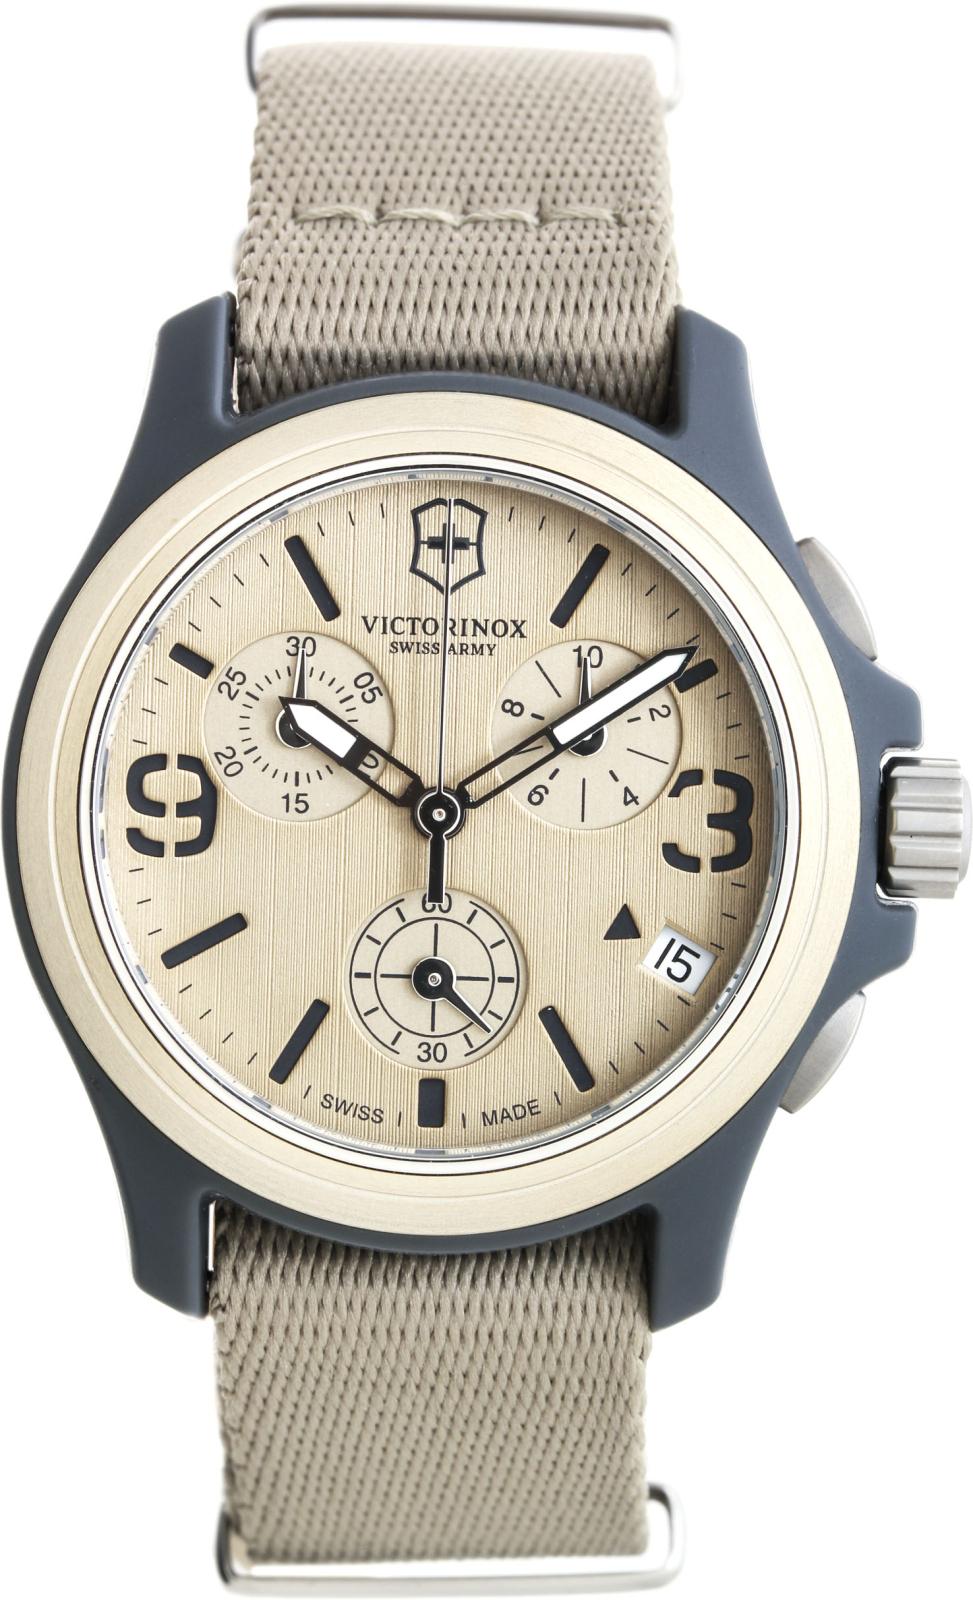 Victorinox Original 241533Наручные часы<br>Швейцарские часы Victorinox Original 241533Представленная модель входит в коллекцию Original. Это мужские часы. Материал корпуса часов — нейлоновое волокно. В этой модели стоит минеральное стекло. Часы выдерживают давление на глубине 100 м. Цвет циферблата - болотный. Циферблат часов содержит  часы, минуты, секунды. В этих часах используются такие усложнения как дата, хронограф. Корпус часов в диаметре 40мм.<br><br>Для кого?: Мужские<br>Страна-производитель: Швейцария<br>Механизм: Кварцевый<br>Материал корпуса: Нейлоновое волокно<br>Материал ремня/браслета: Текстиль<br>Водозащита, диапазон: 100 - 150 м<br>Стекло: Минеральное<br>Толщина корпуса: None<br>Стиль: Спорт